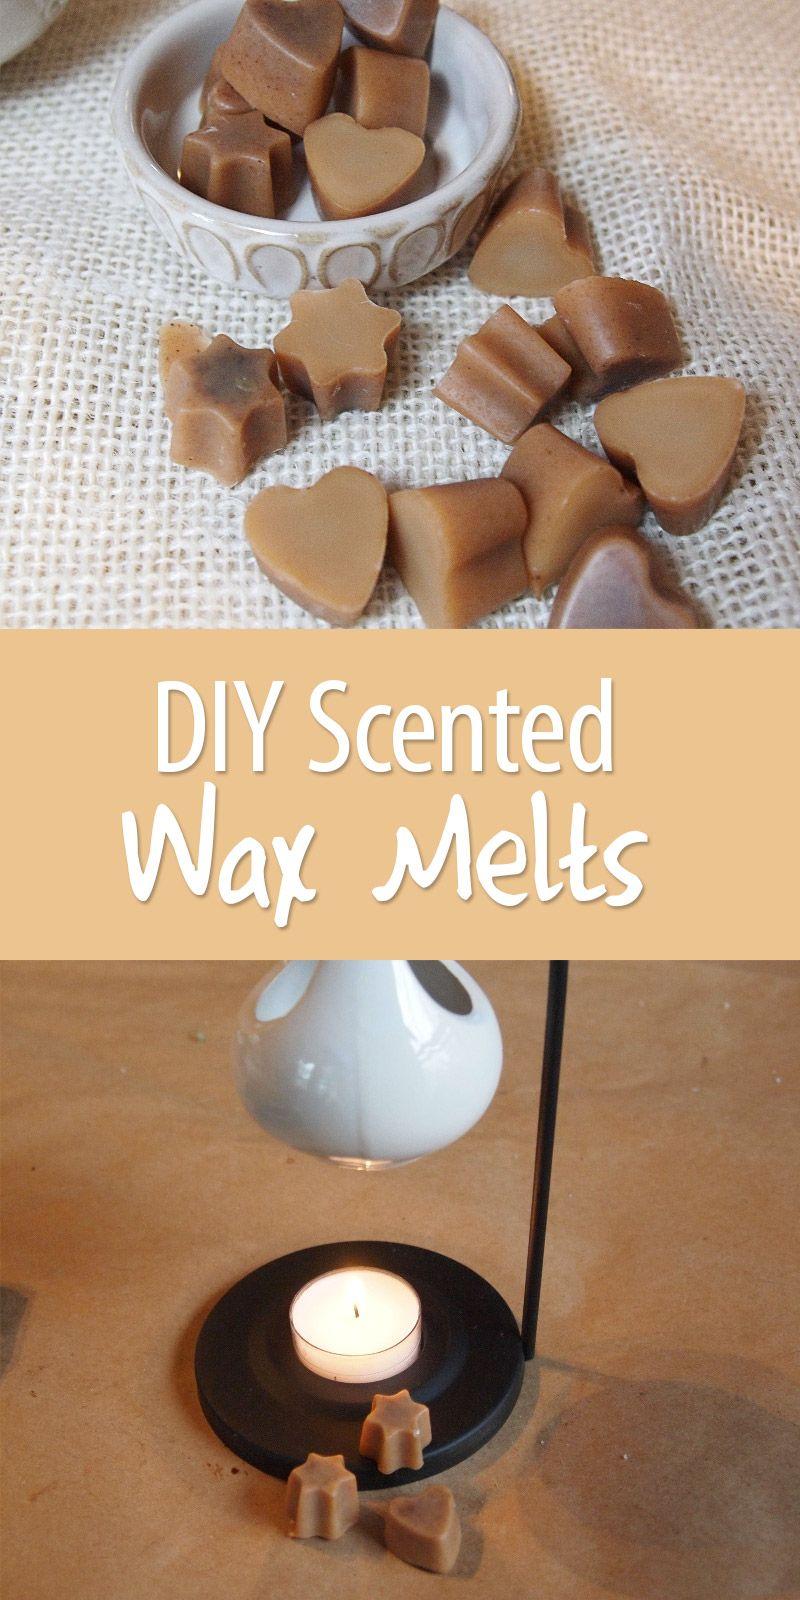 Homemade Scented Wax Melts Diy wax, Diy candles, Diy wax